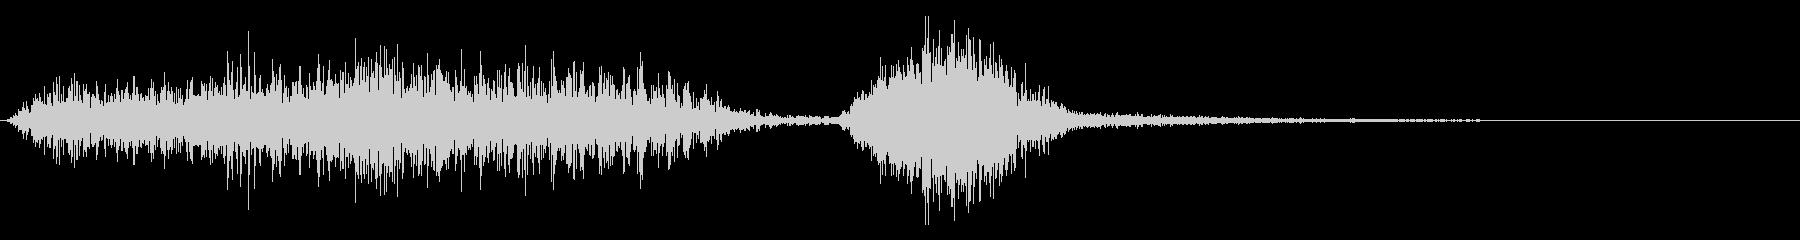 転送 ワープ 転移 08の未再生の波形